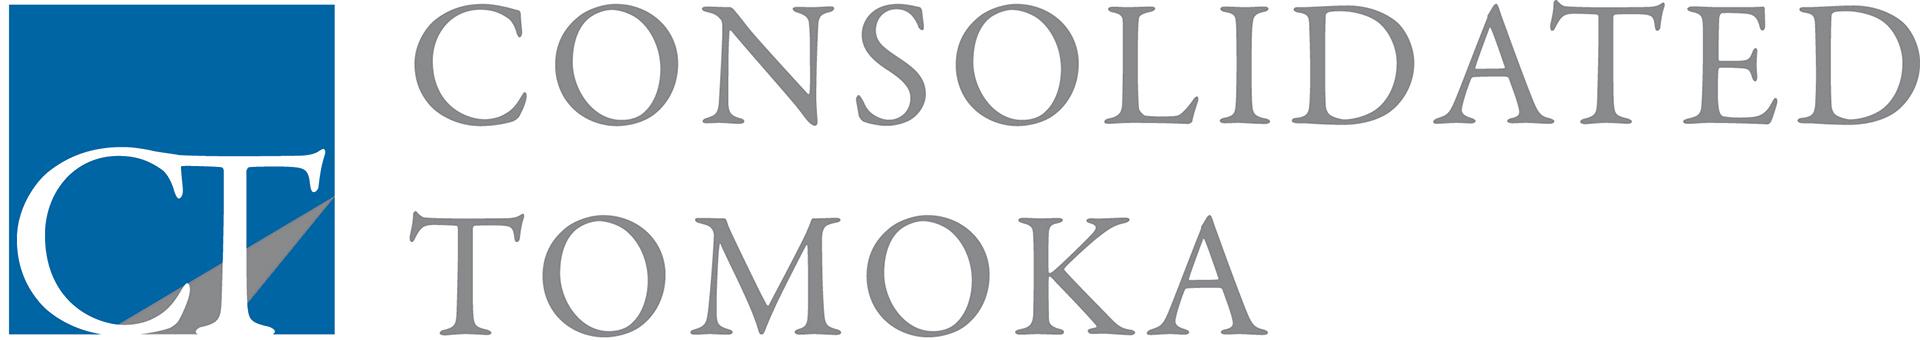 Consolidated-Tomoka Land Co. Company Logo